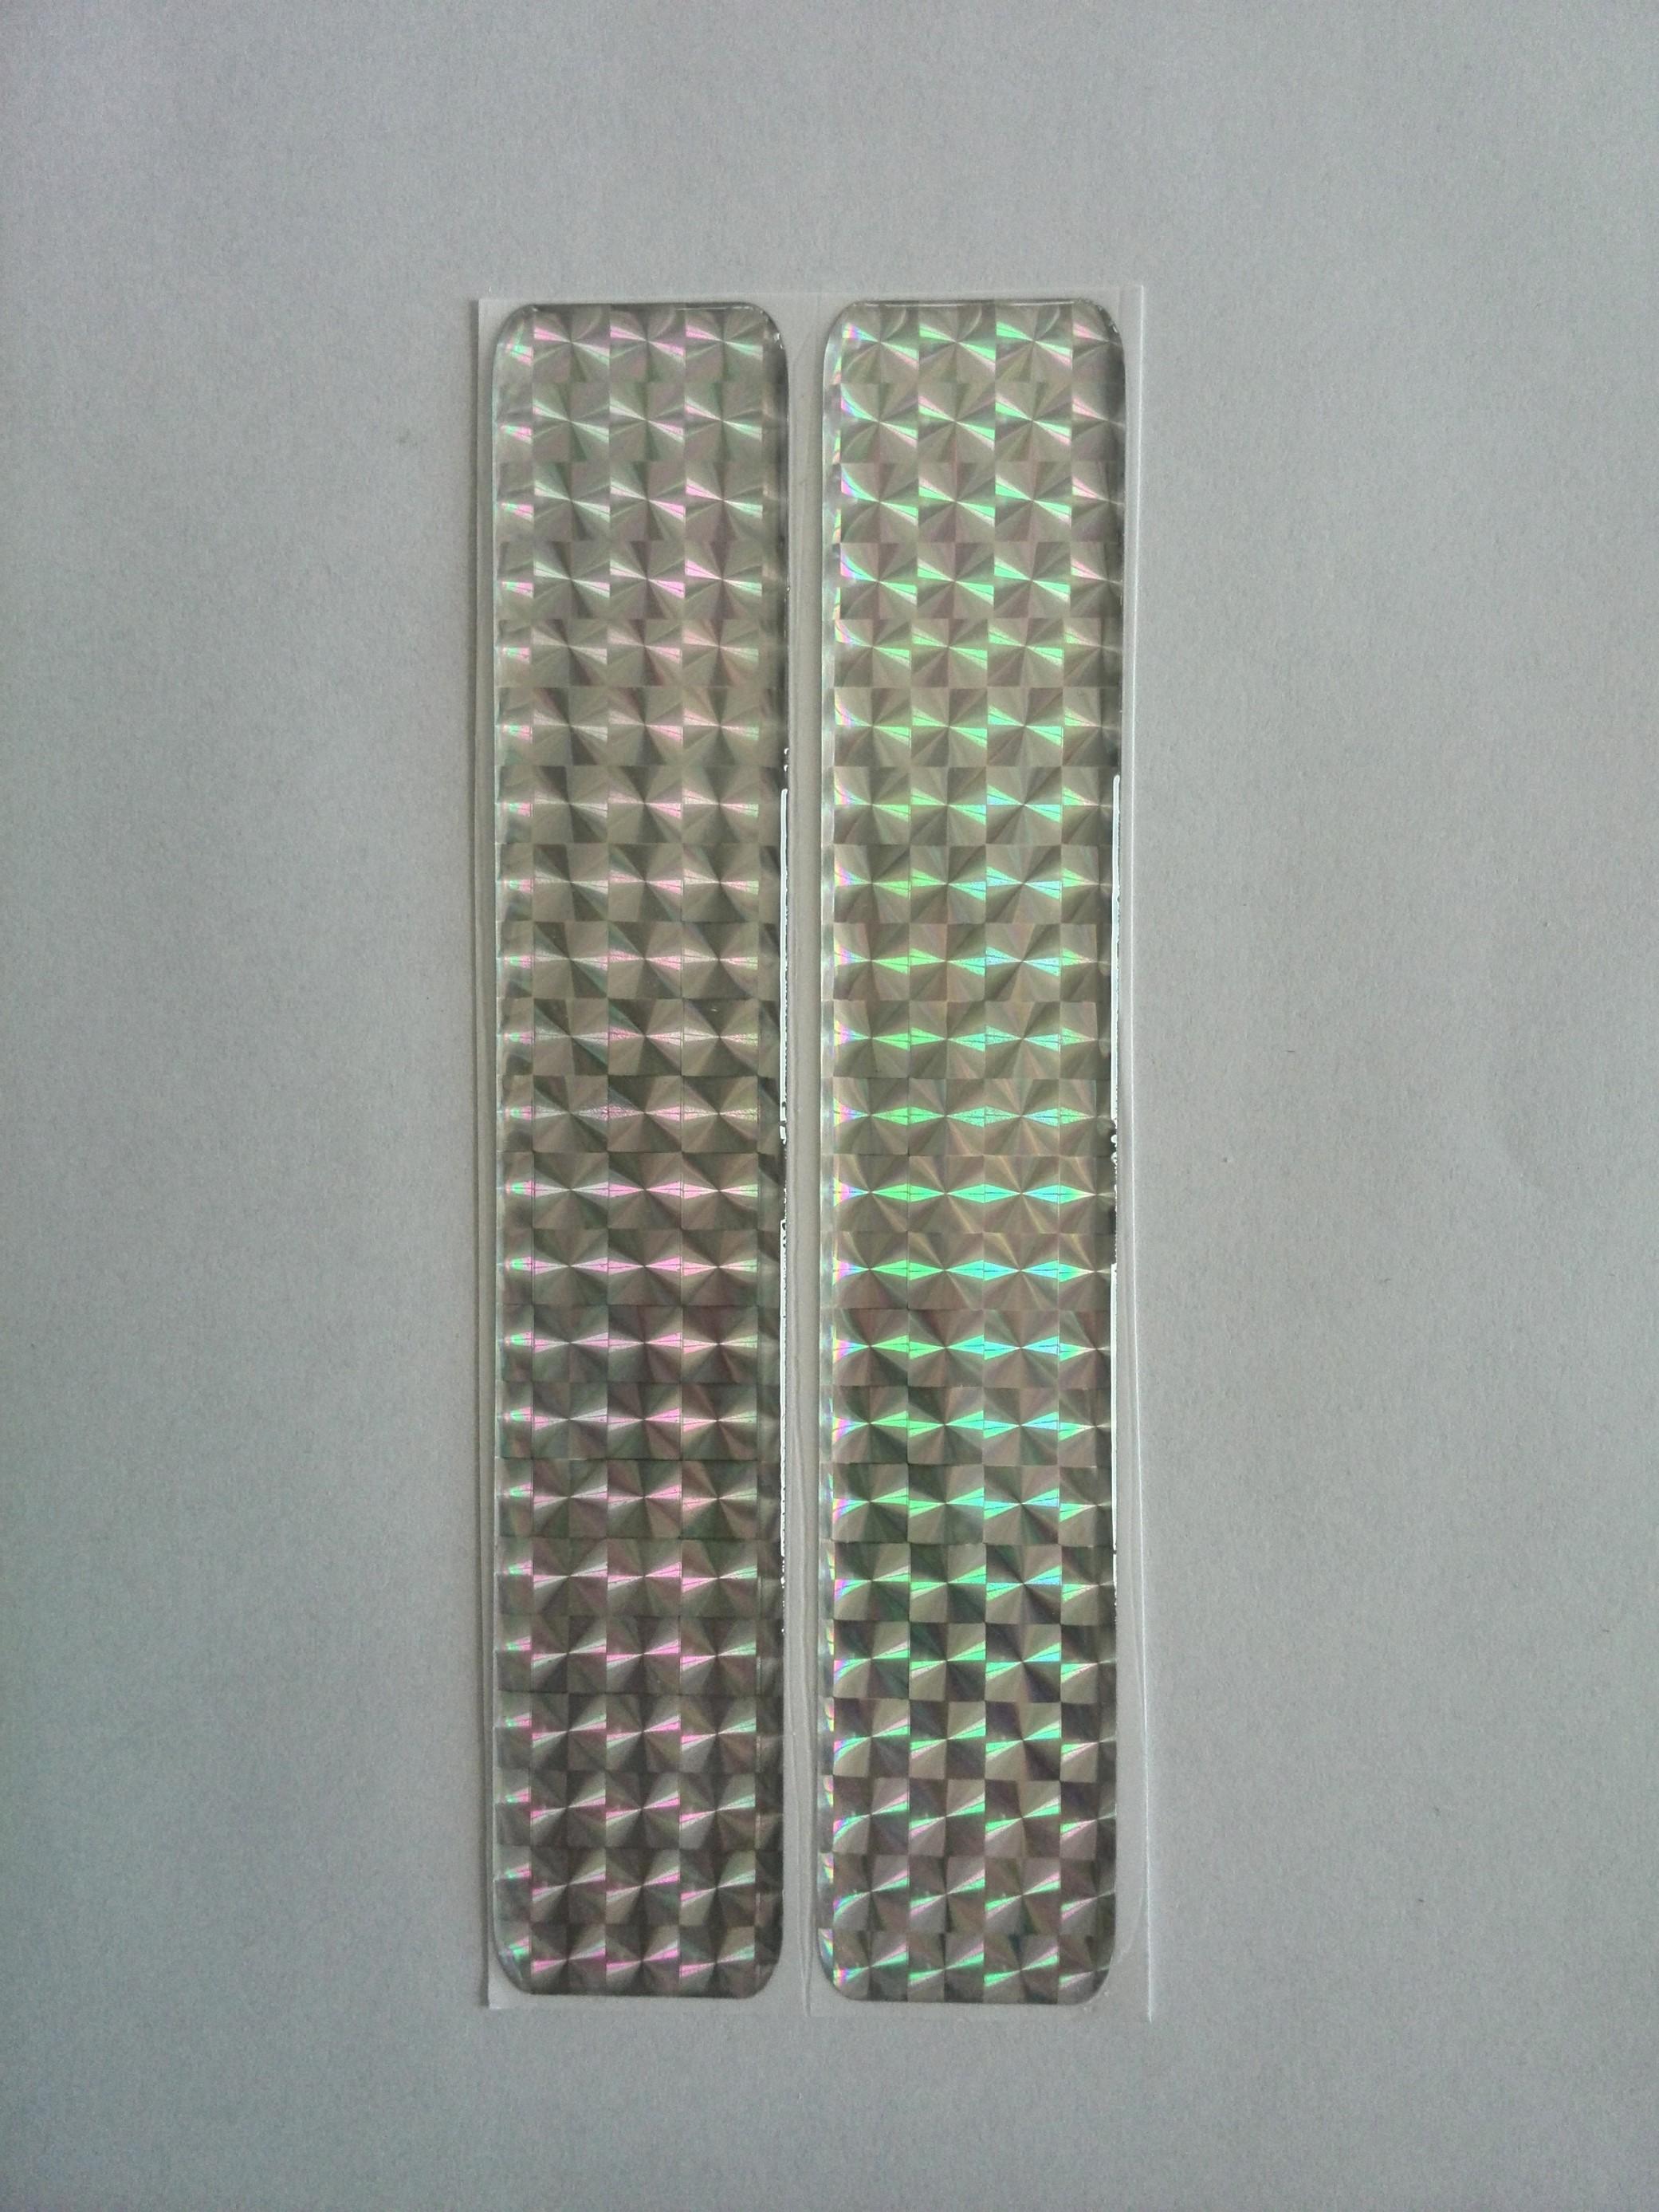 Odrazka 2,5x7 cm stříbrná, samolepící